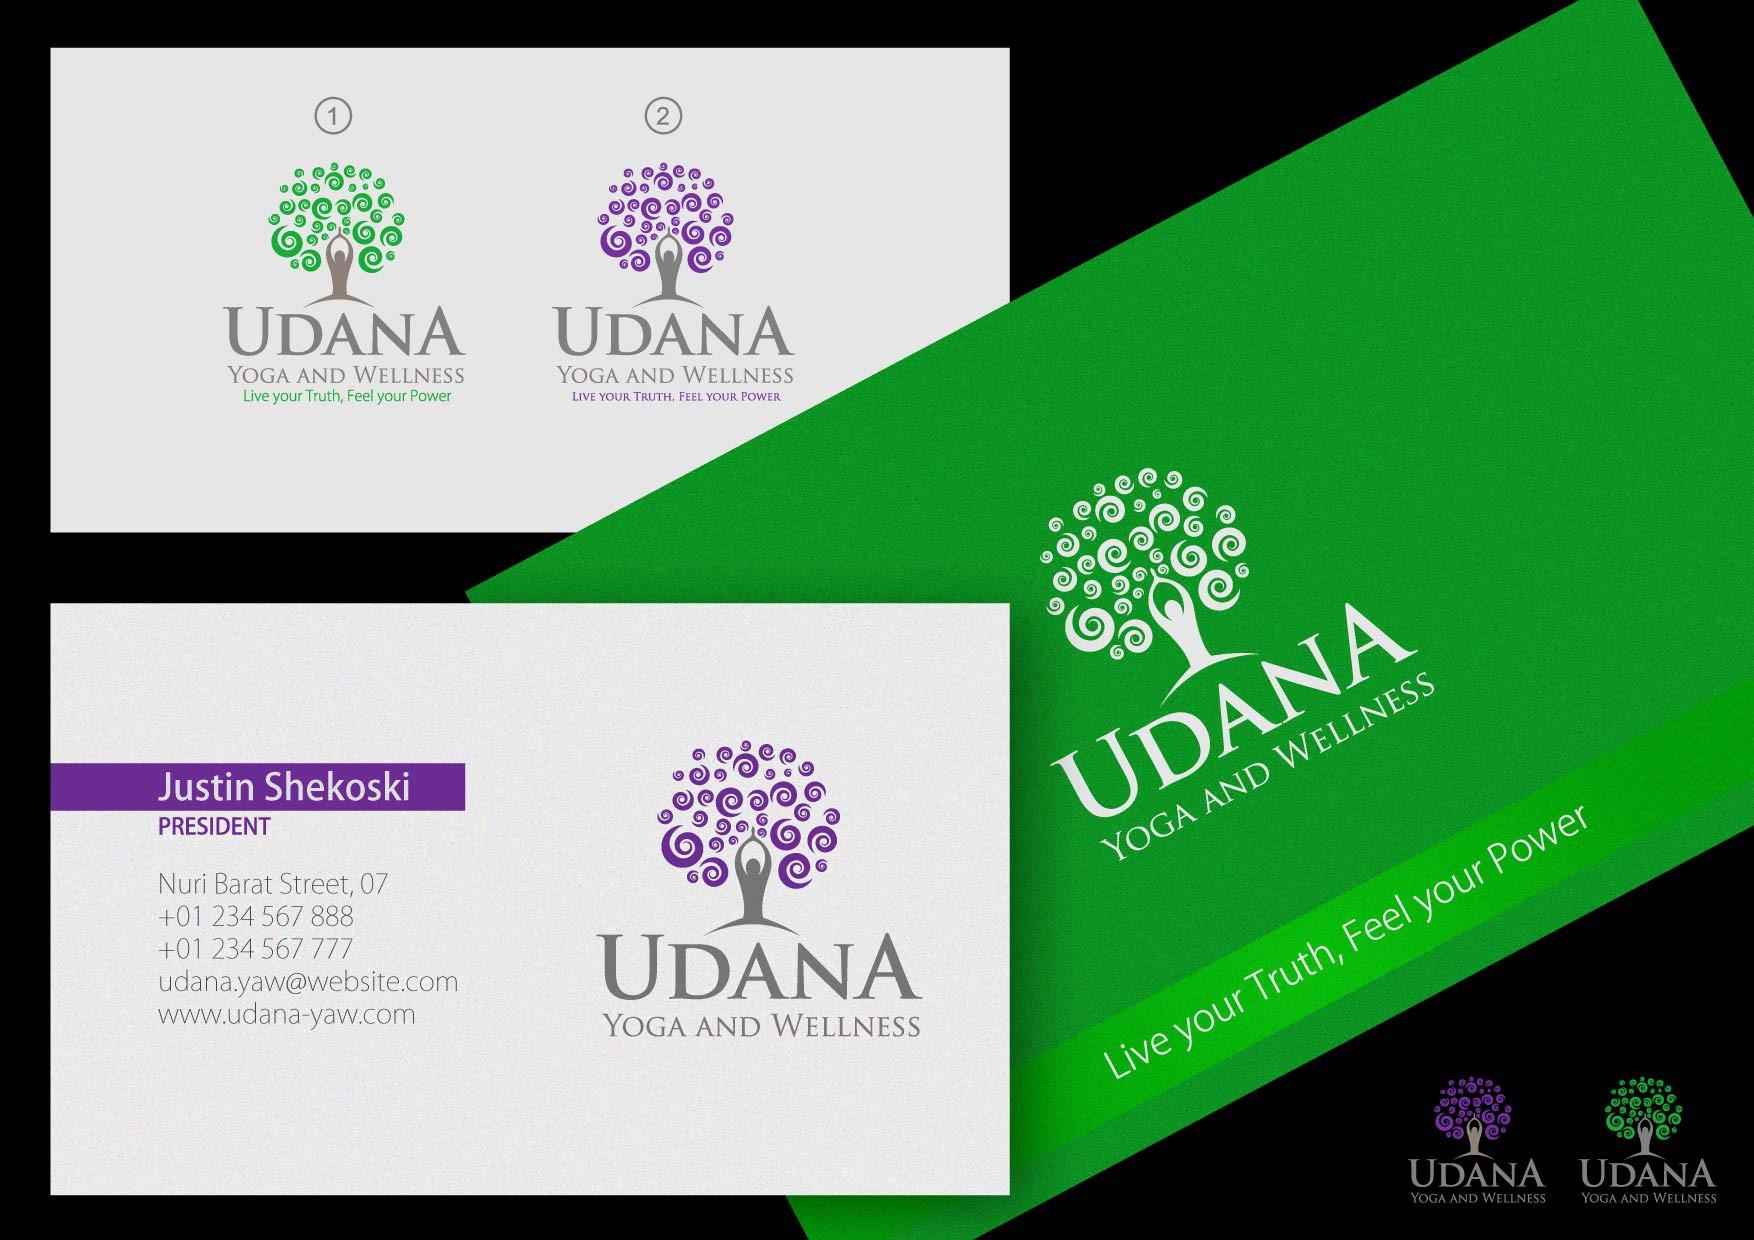 Udana Yoga and Wellness needs a new logo